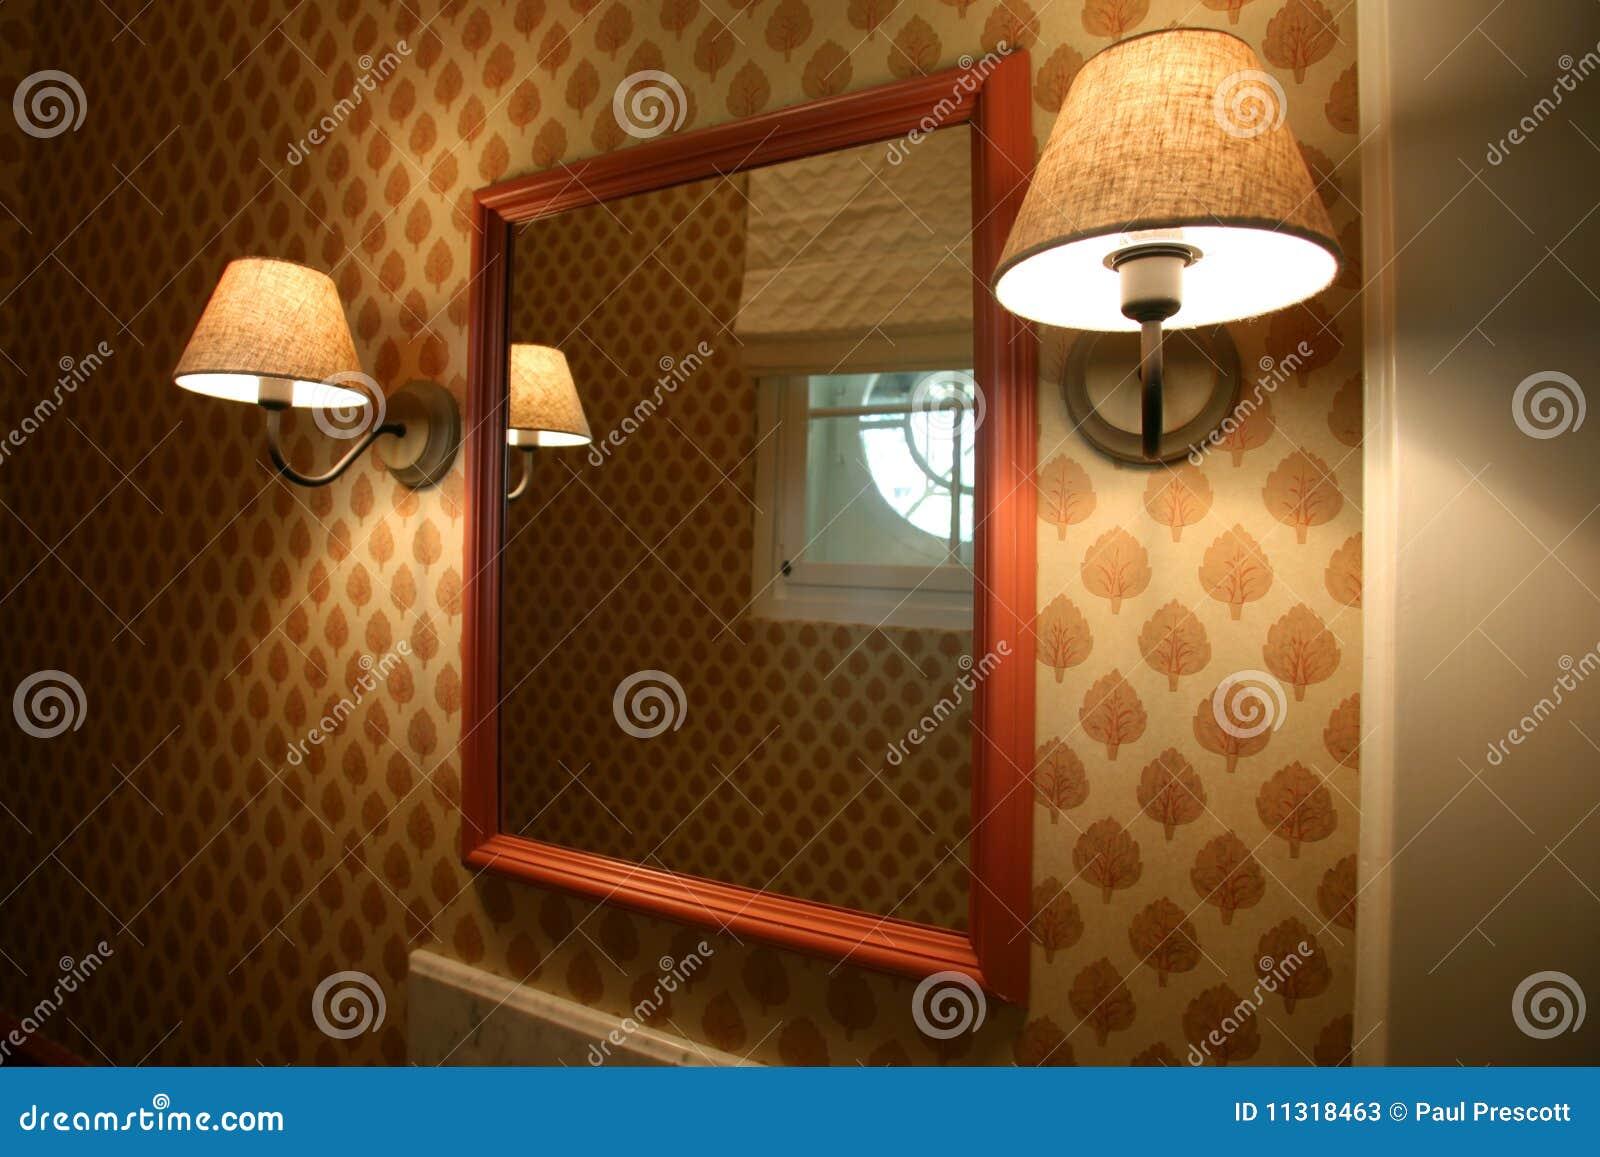 Spiegel und Lampen